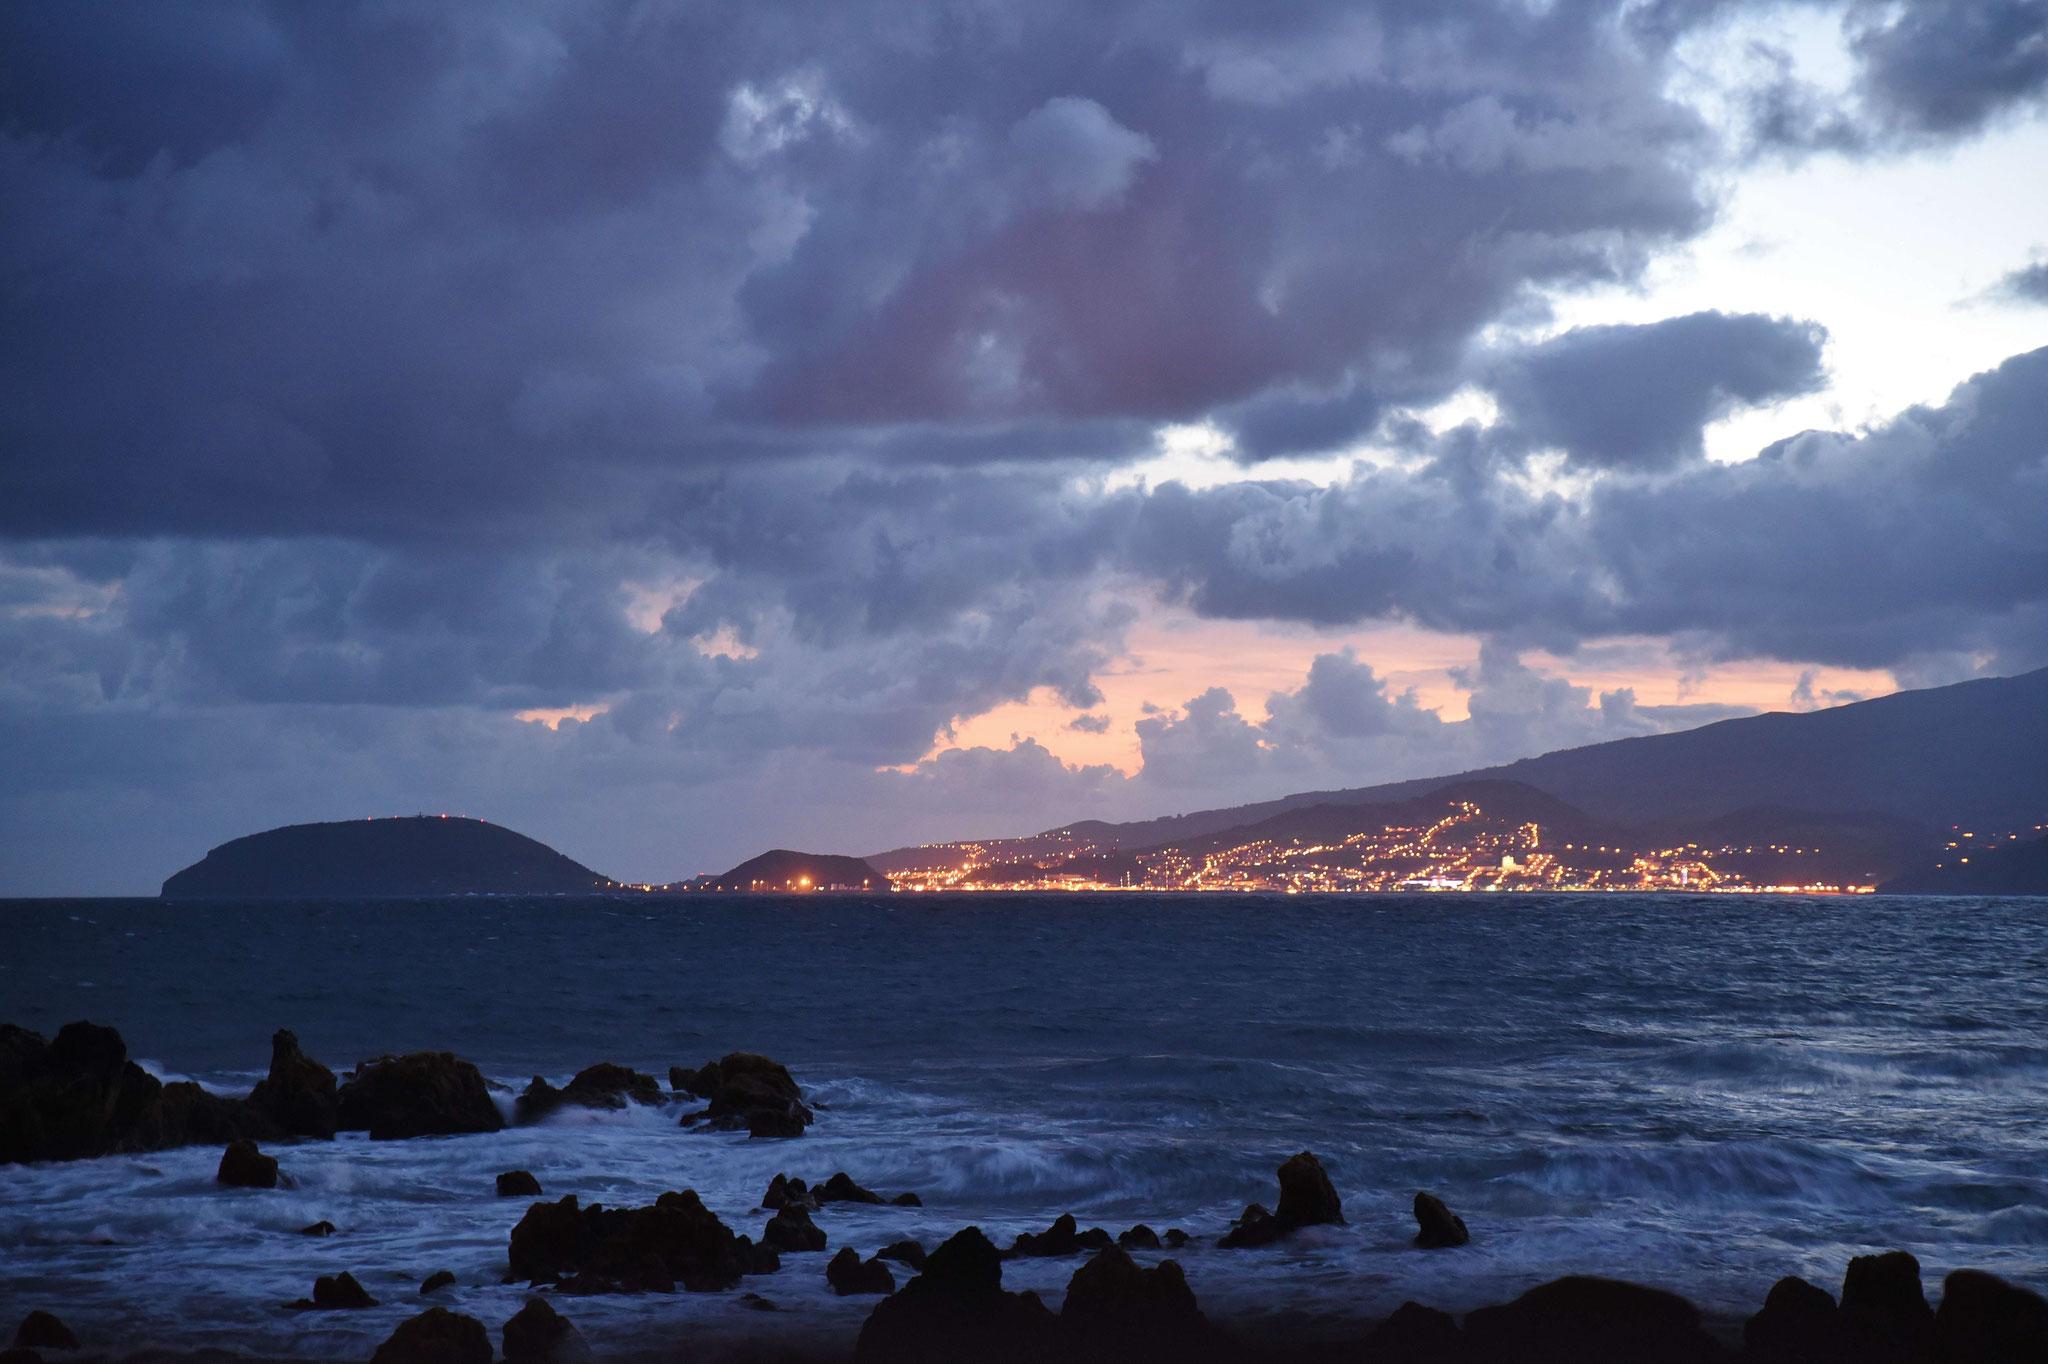 Abendspaziergang an der Küste, die Stadt Horta ist hell erleuchtet